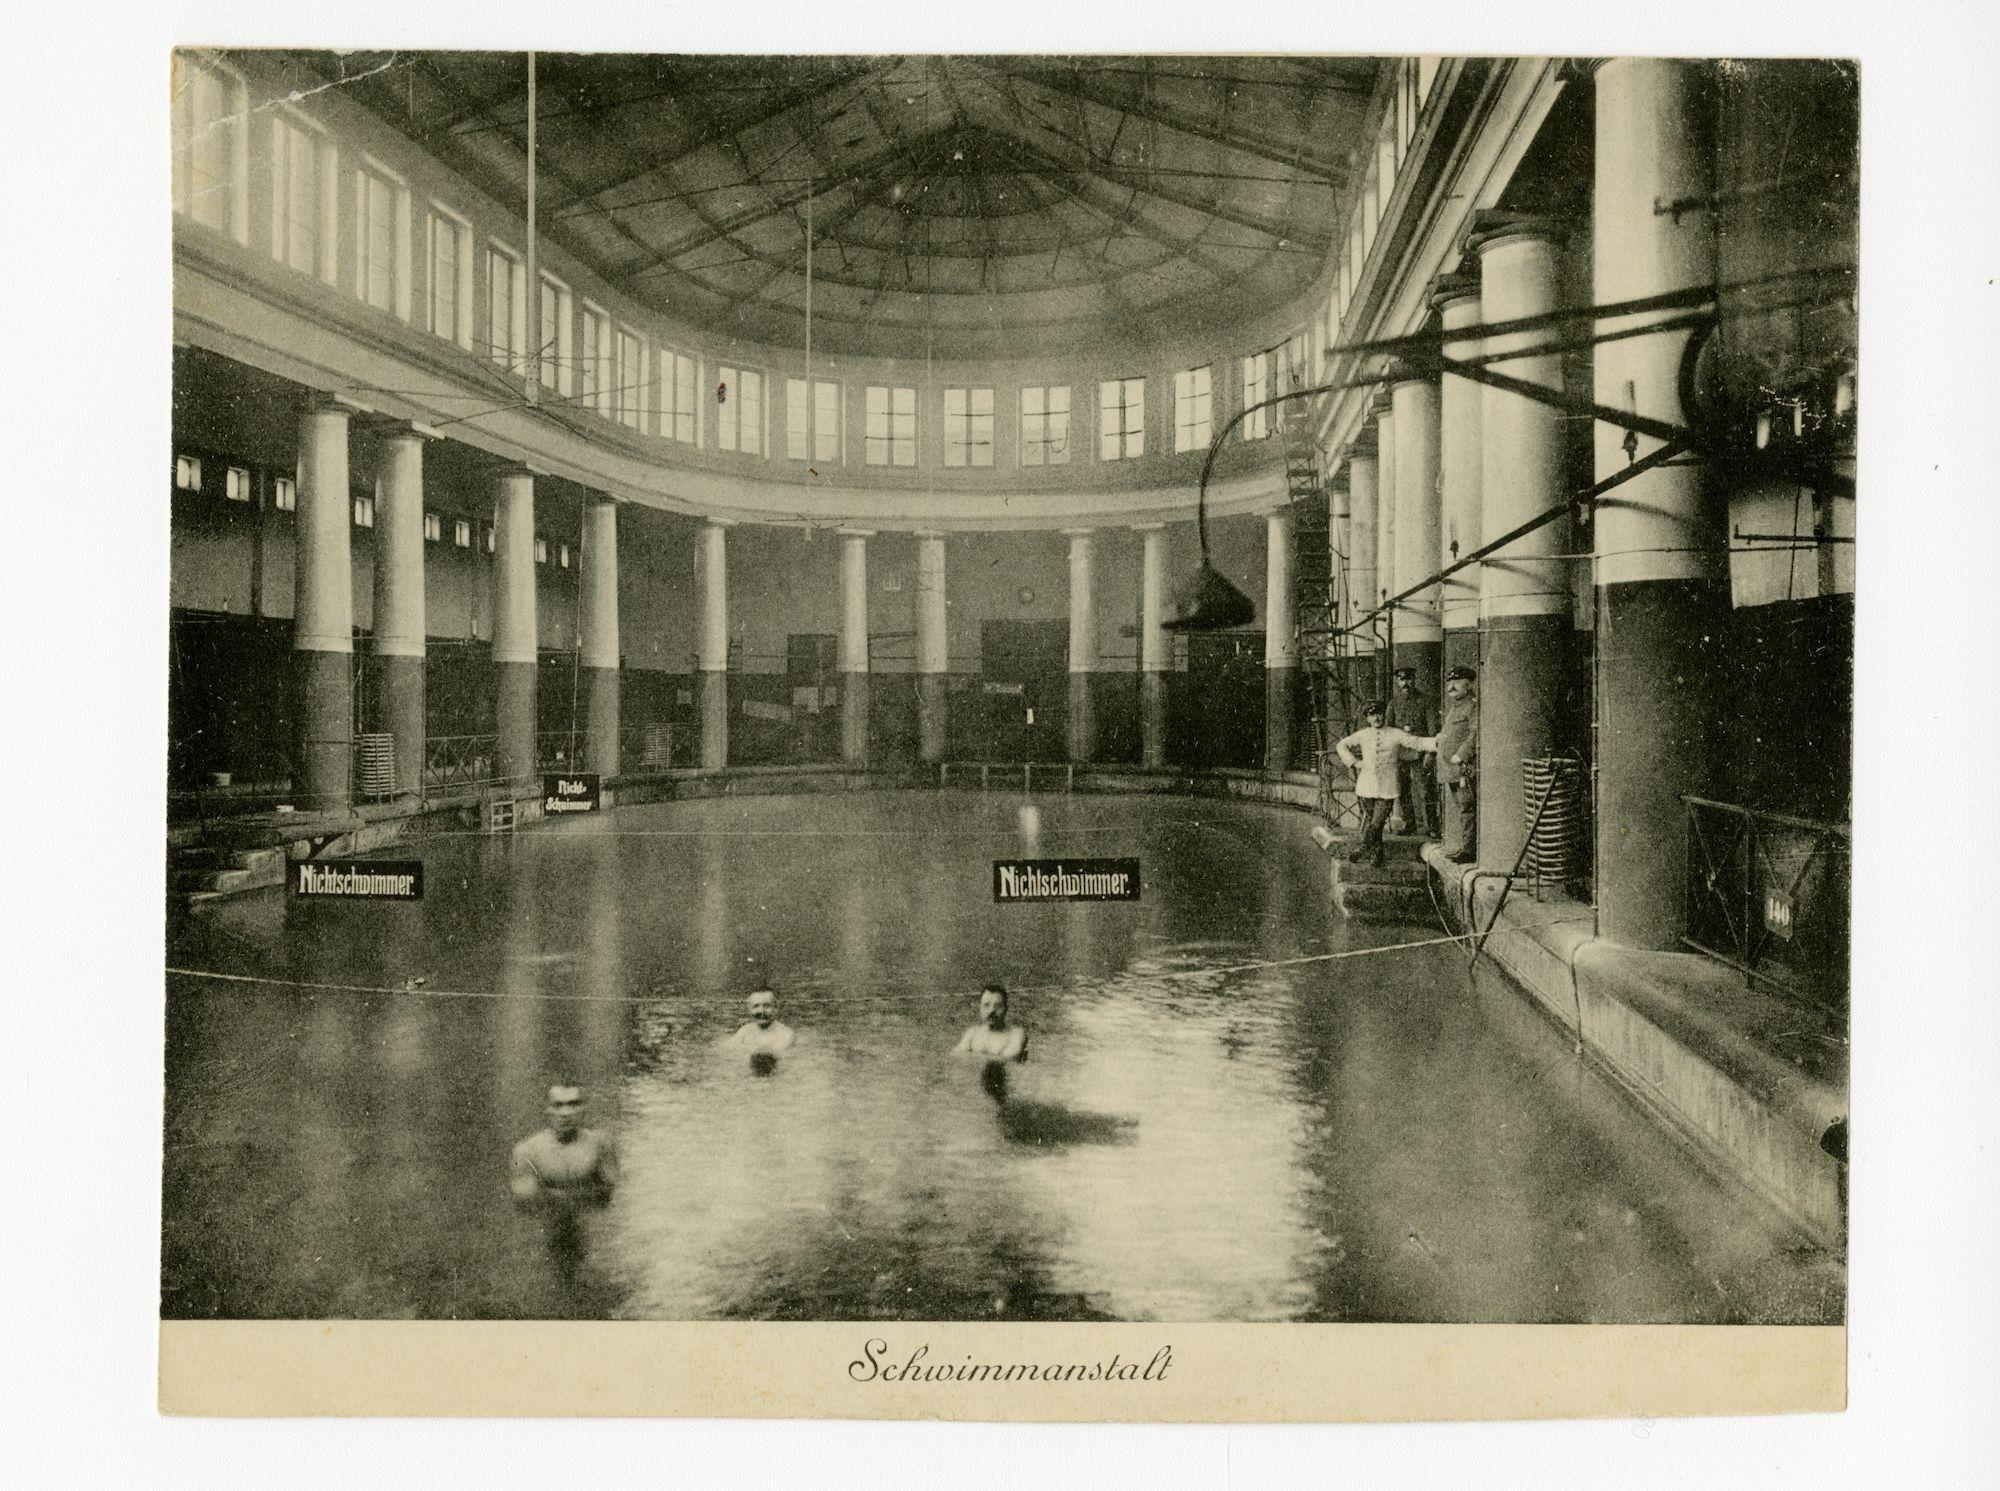 Gent: Gebroeders Van Eyckstraat/Veermanplein: Zwembad Van Eyck: binnenzicht met zwemmers, 1915